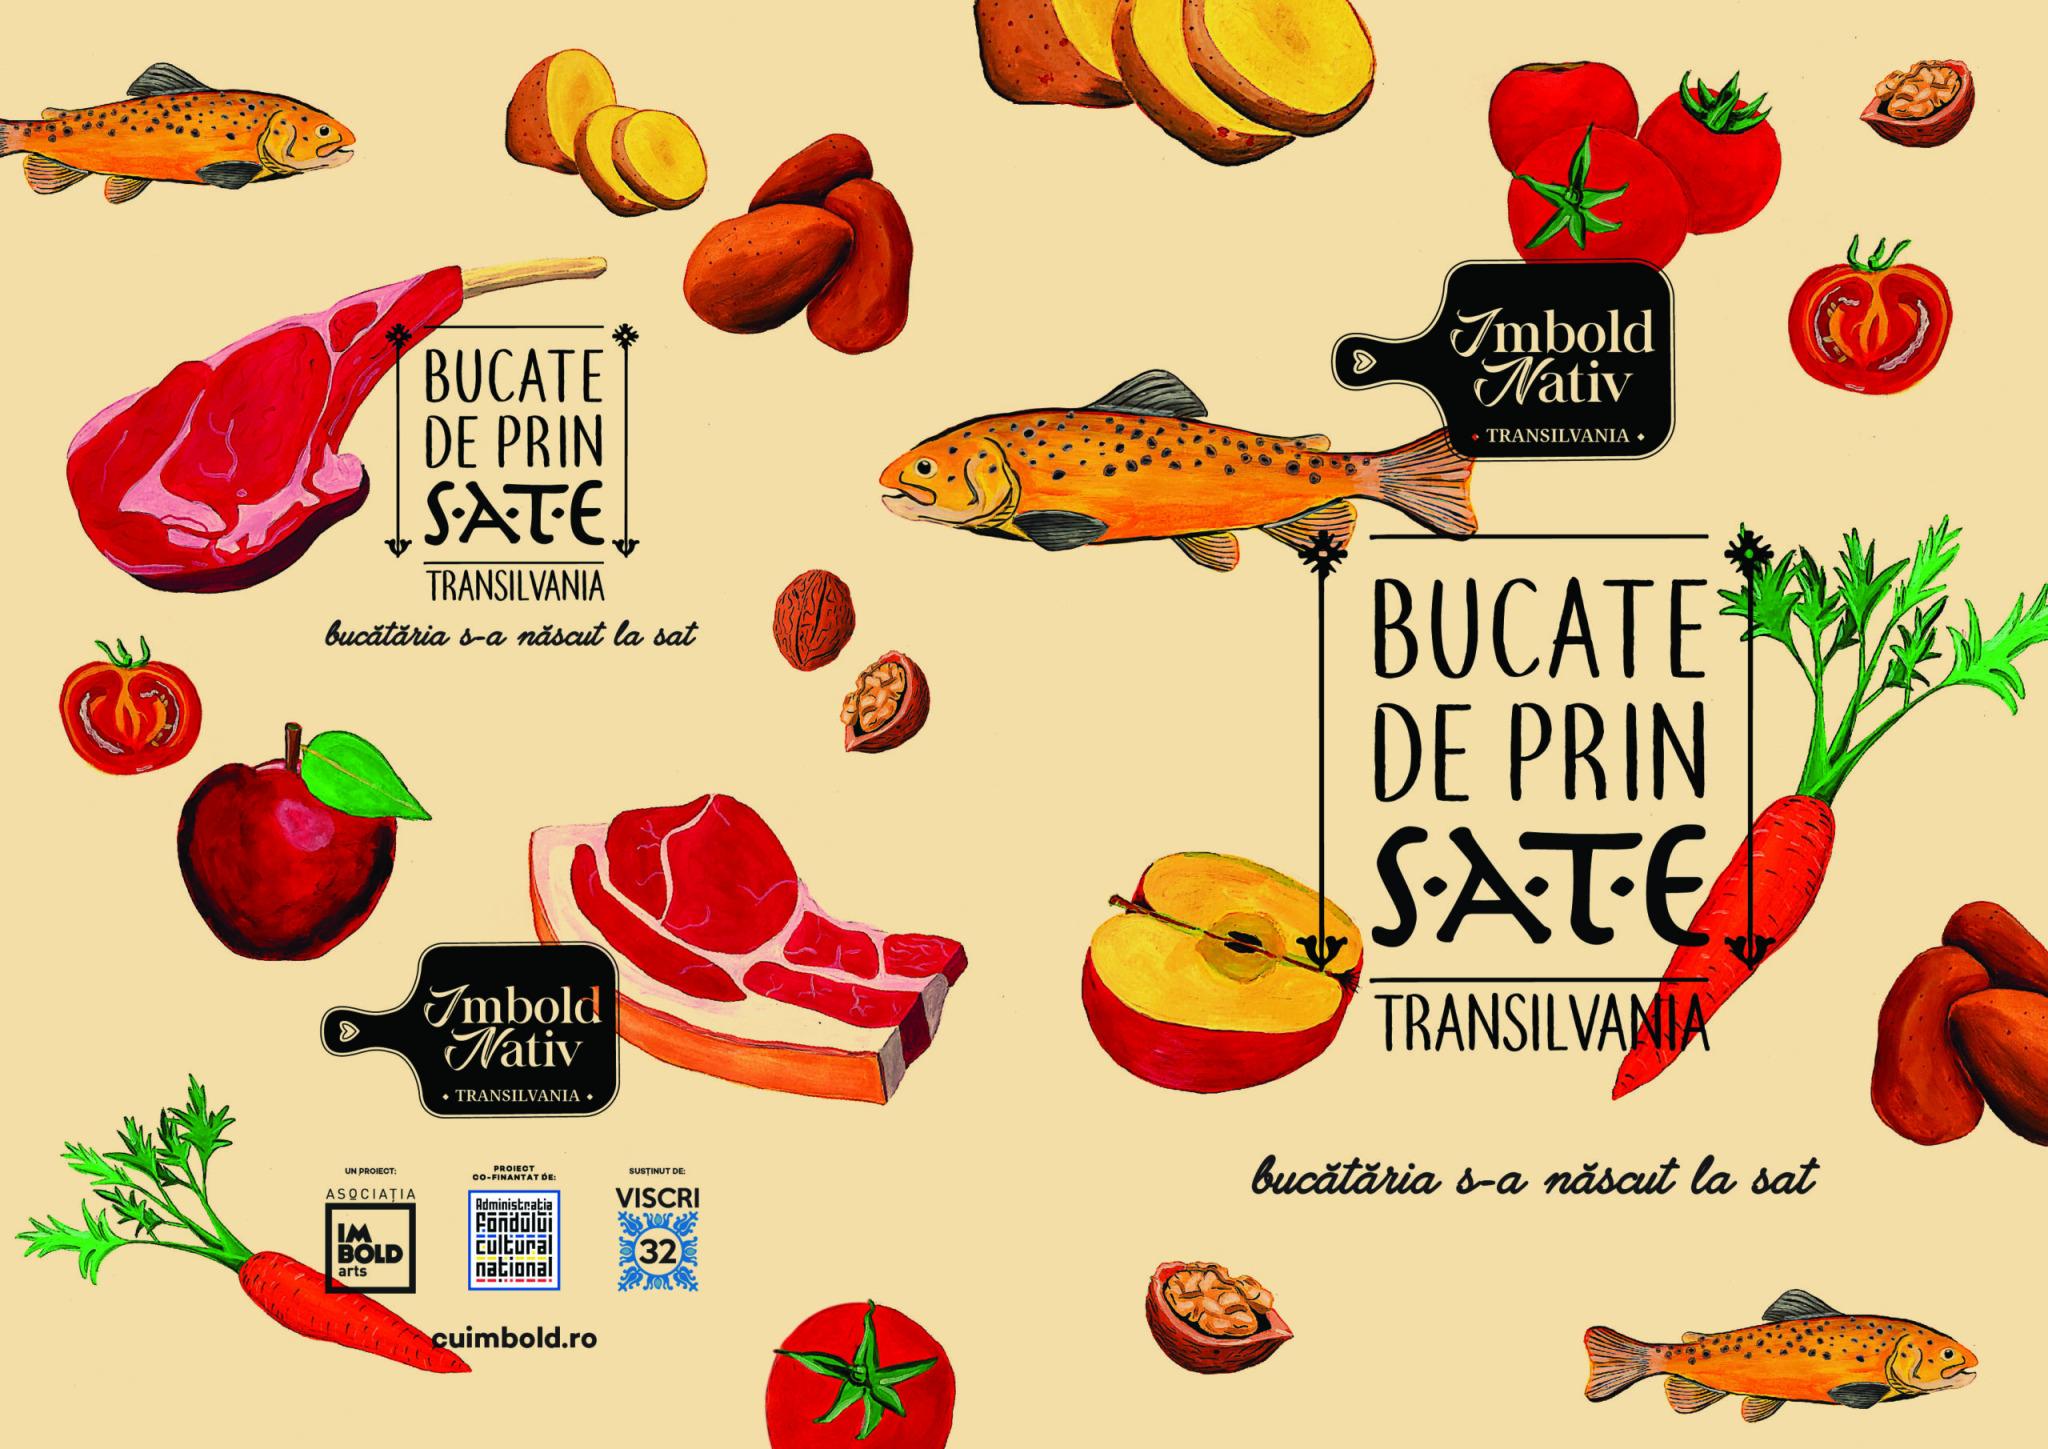 Bucate_de_prin_sate